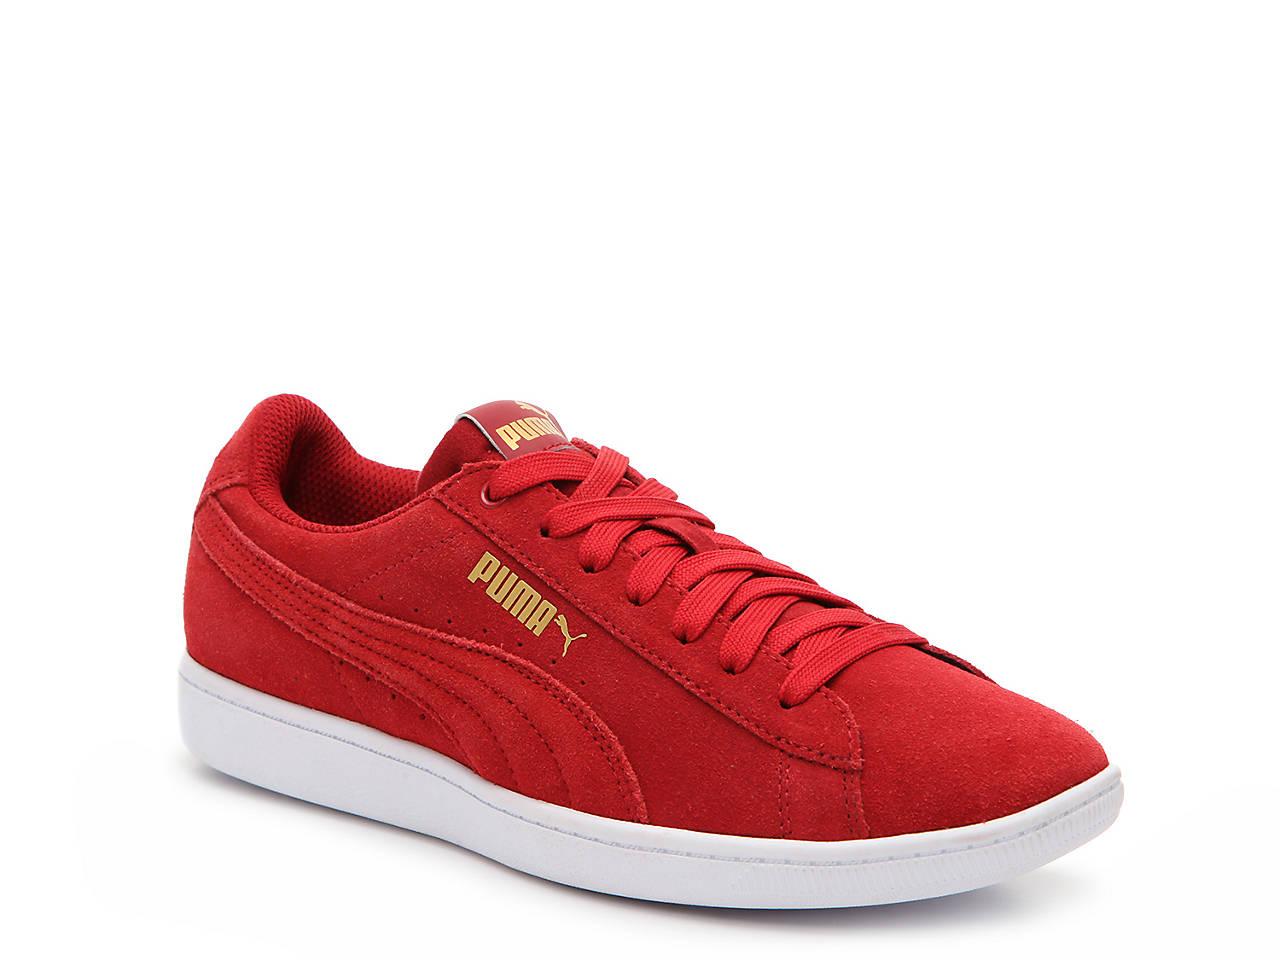 de69a0a1eb11 Puma Vikky Lo Suede Sneaker - Women s Women s Shoes